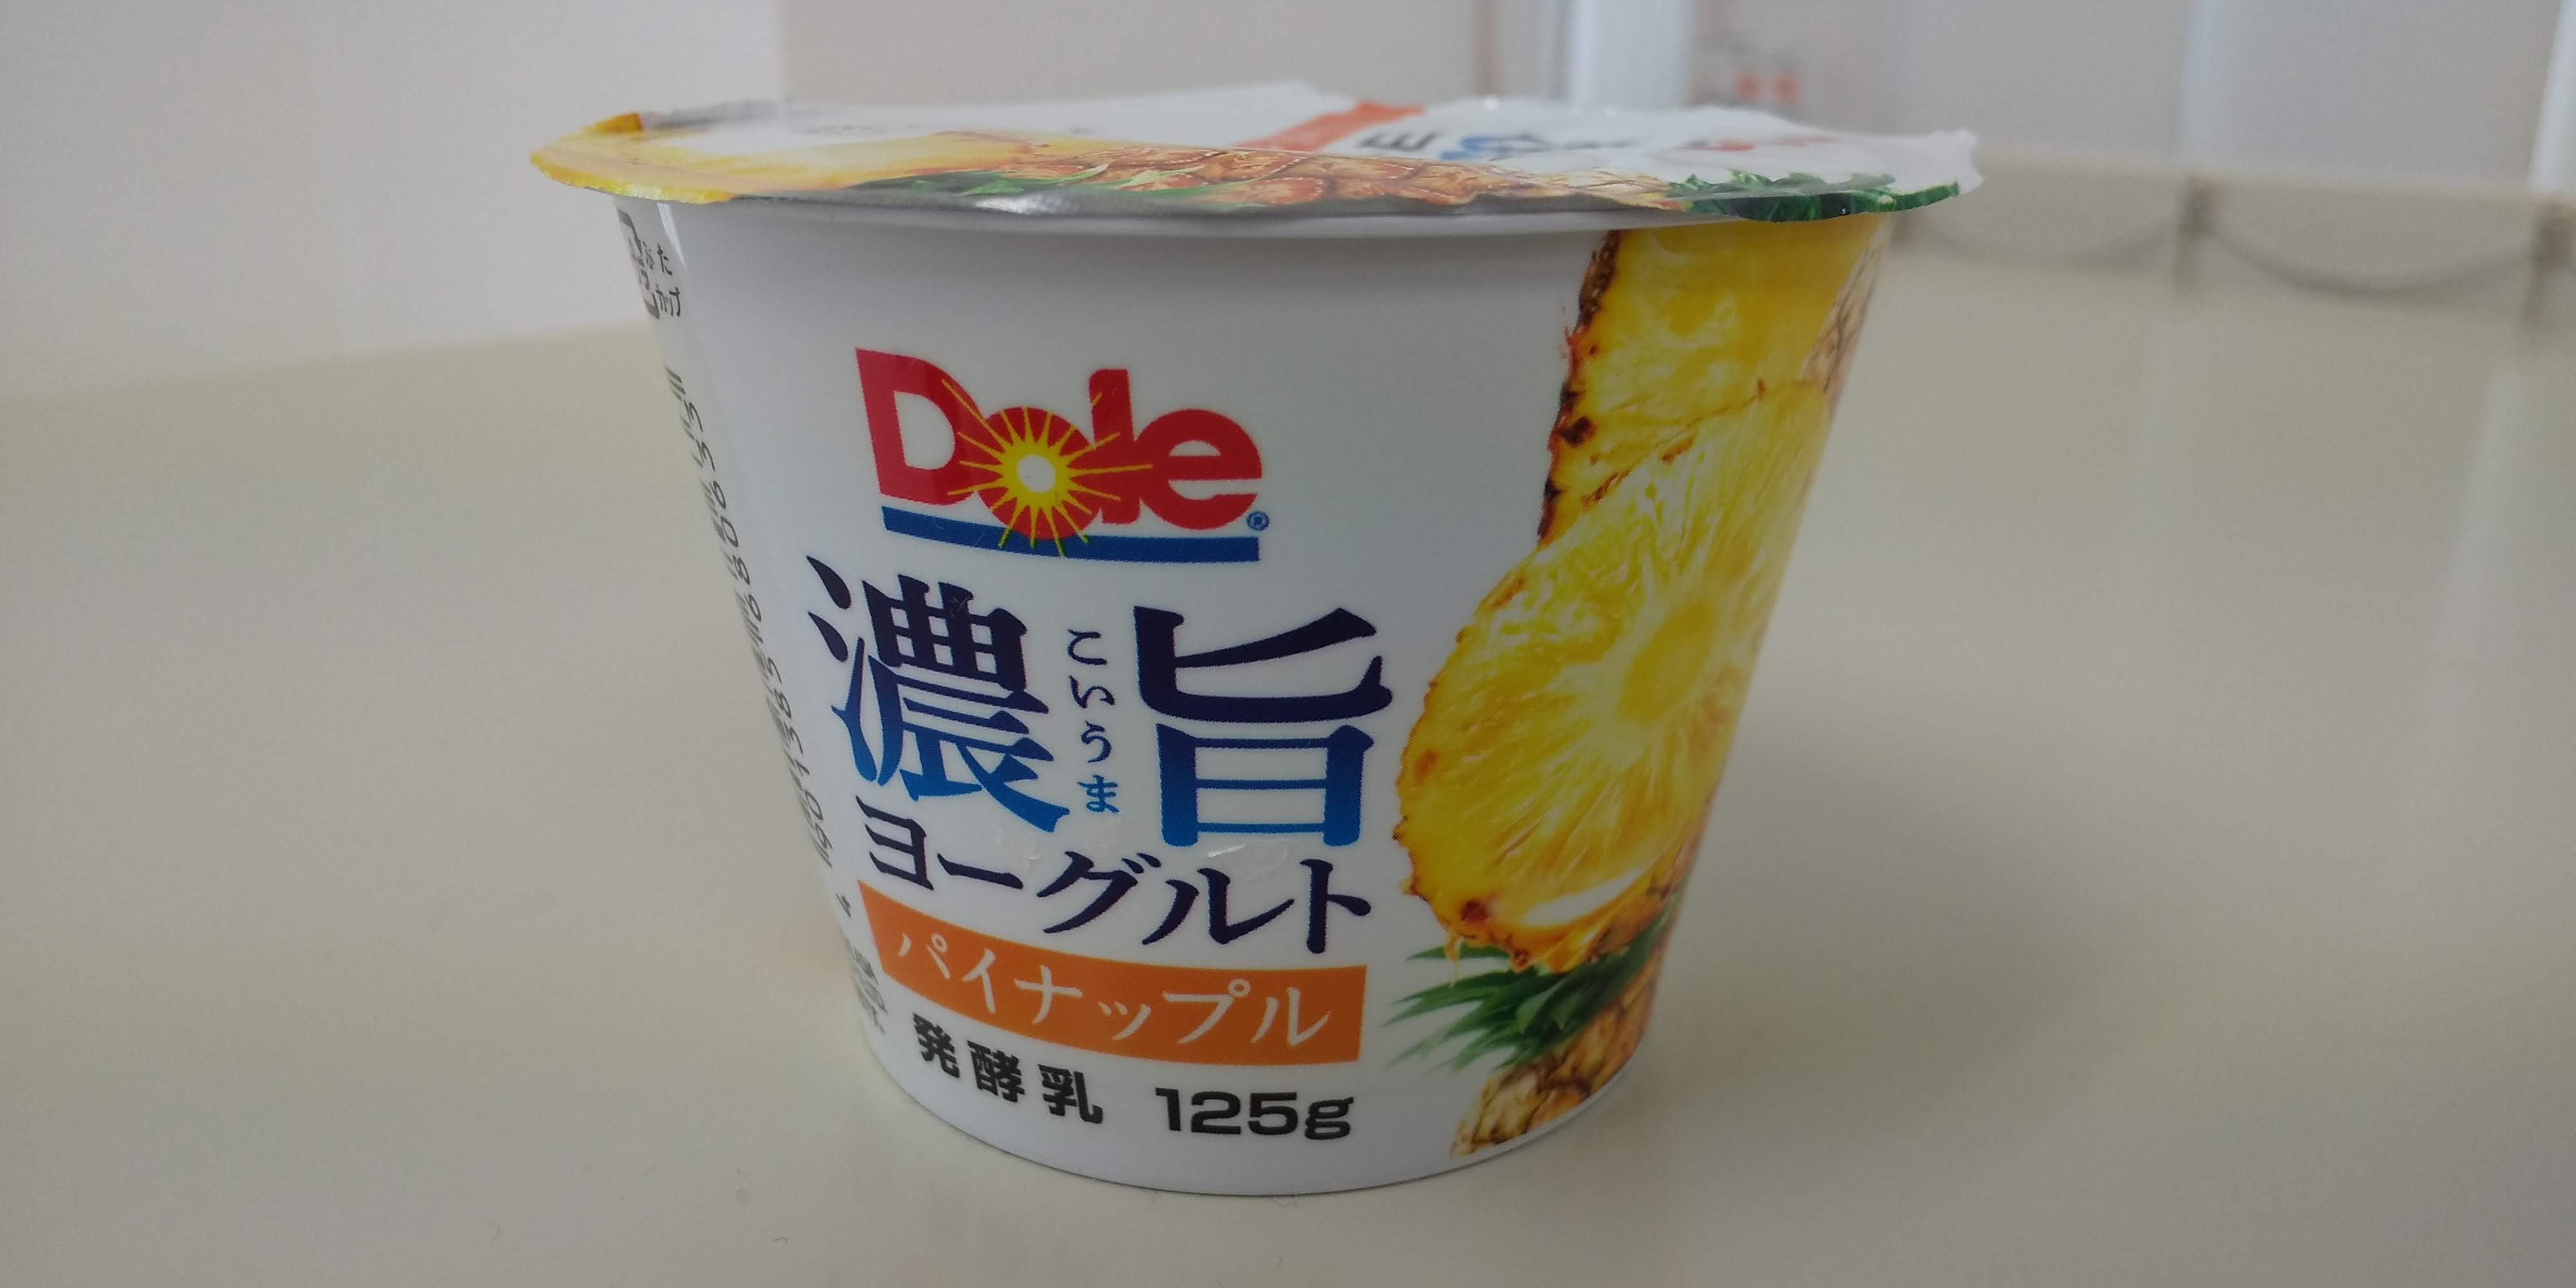 Dole【濃旨こくうまヨーグルトパイナップル】